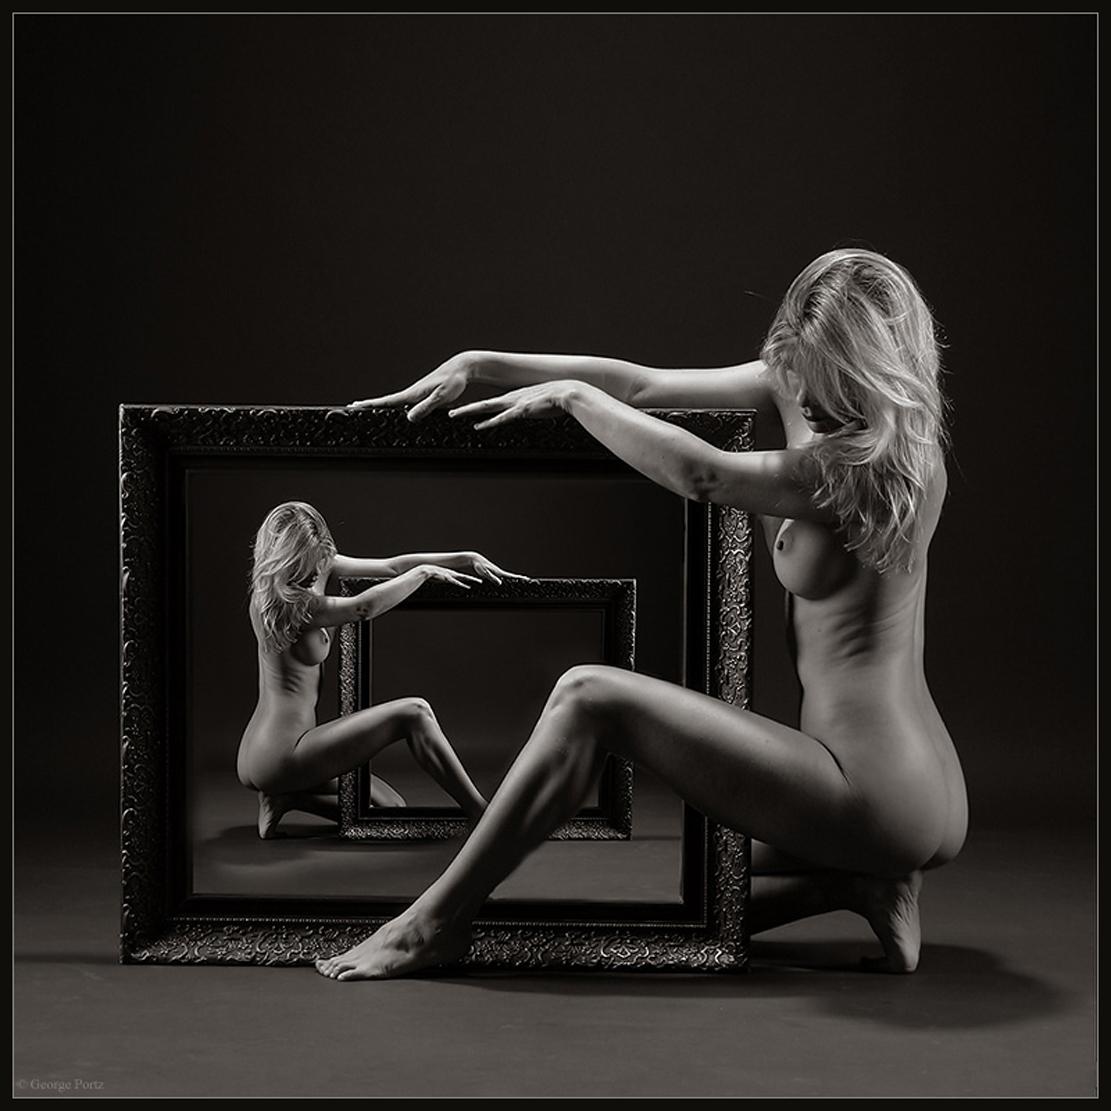 Черно белые фото голых девушек 11 фотография